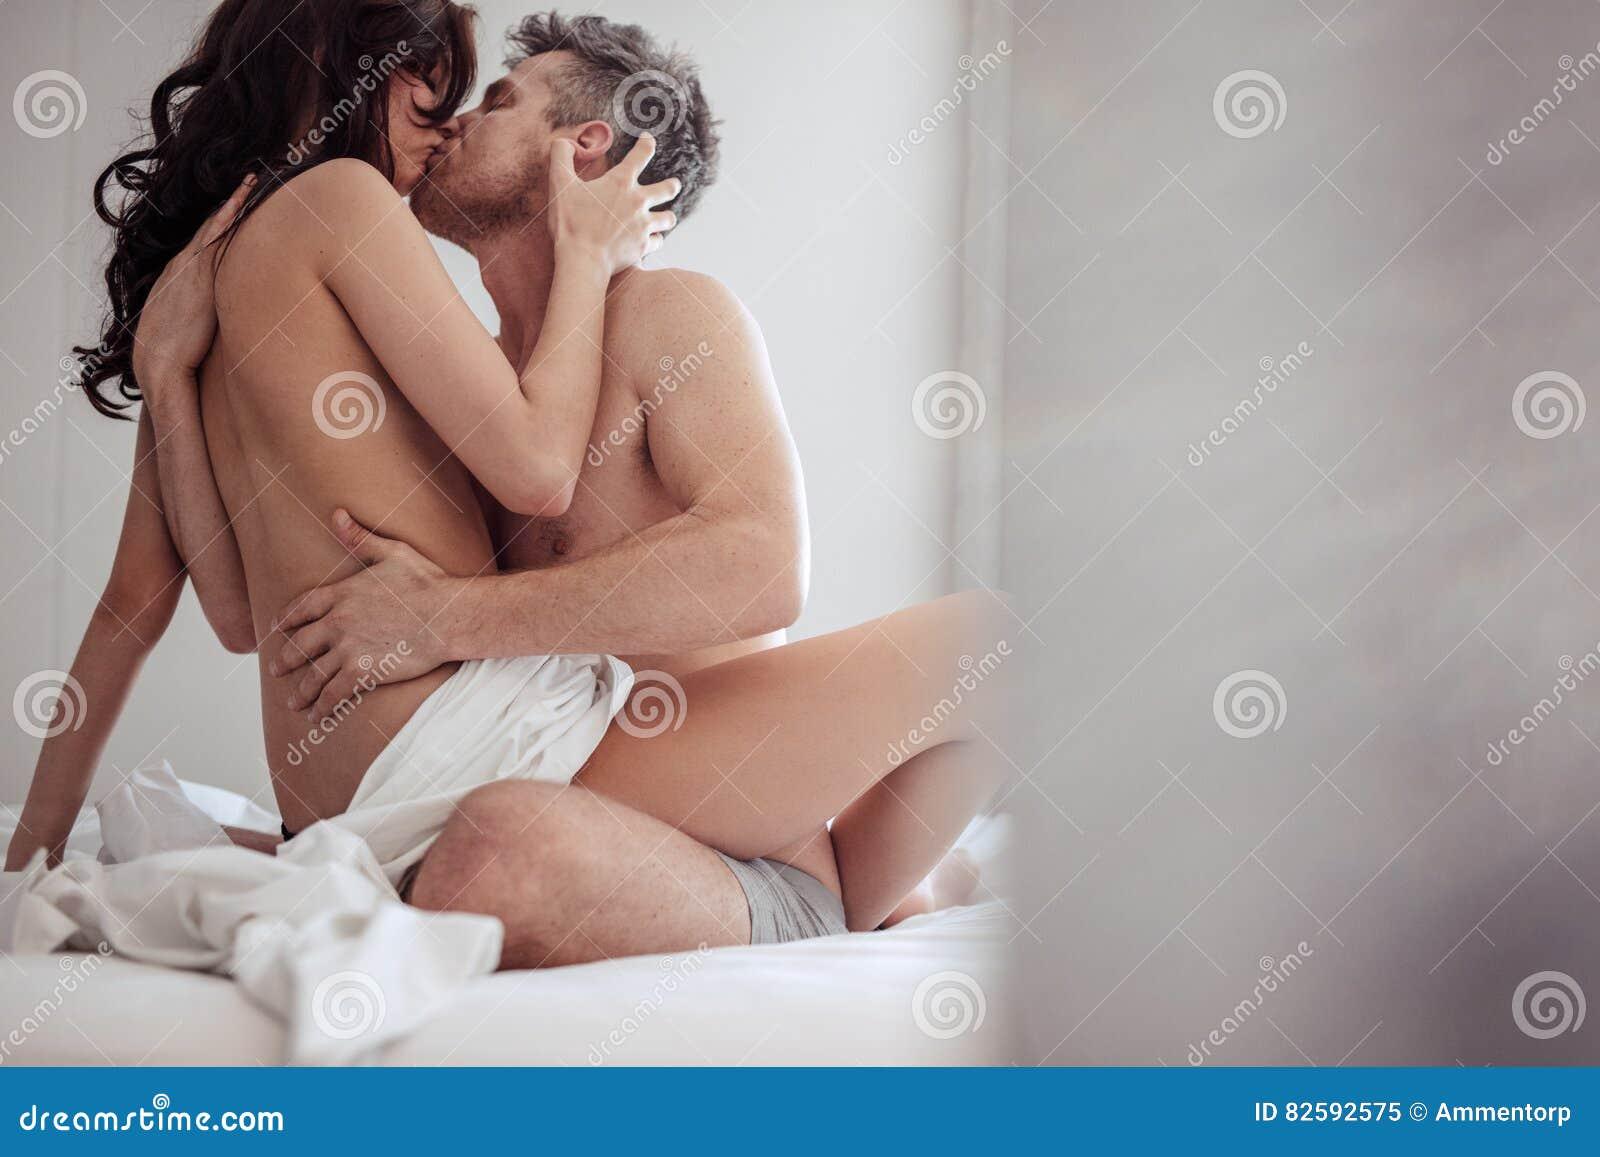 leidenschaftliche paare sex